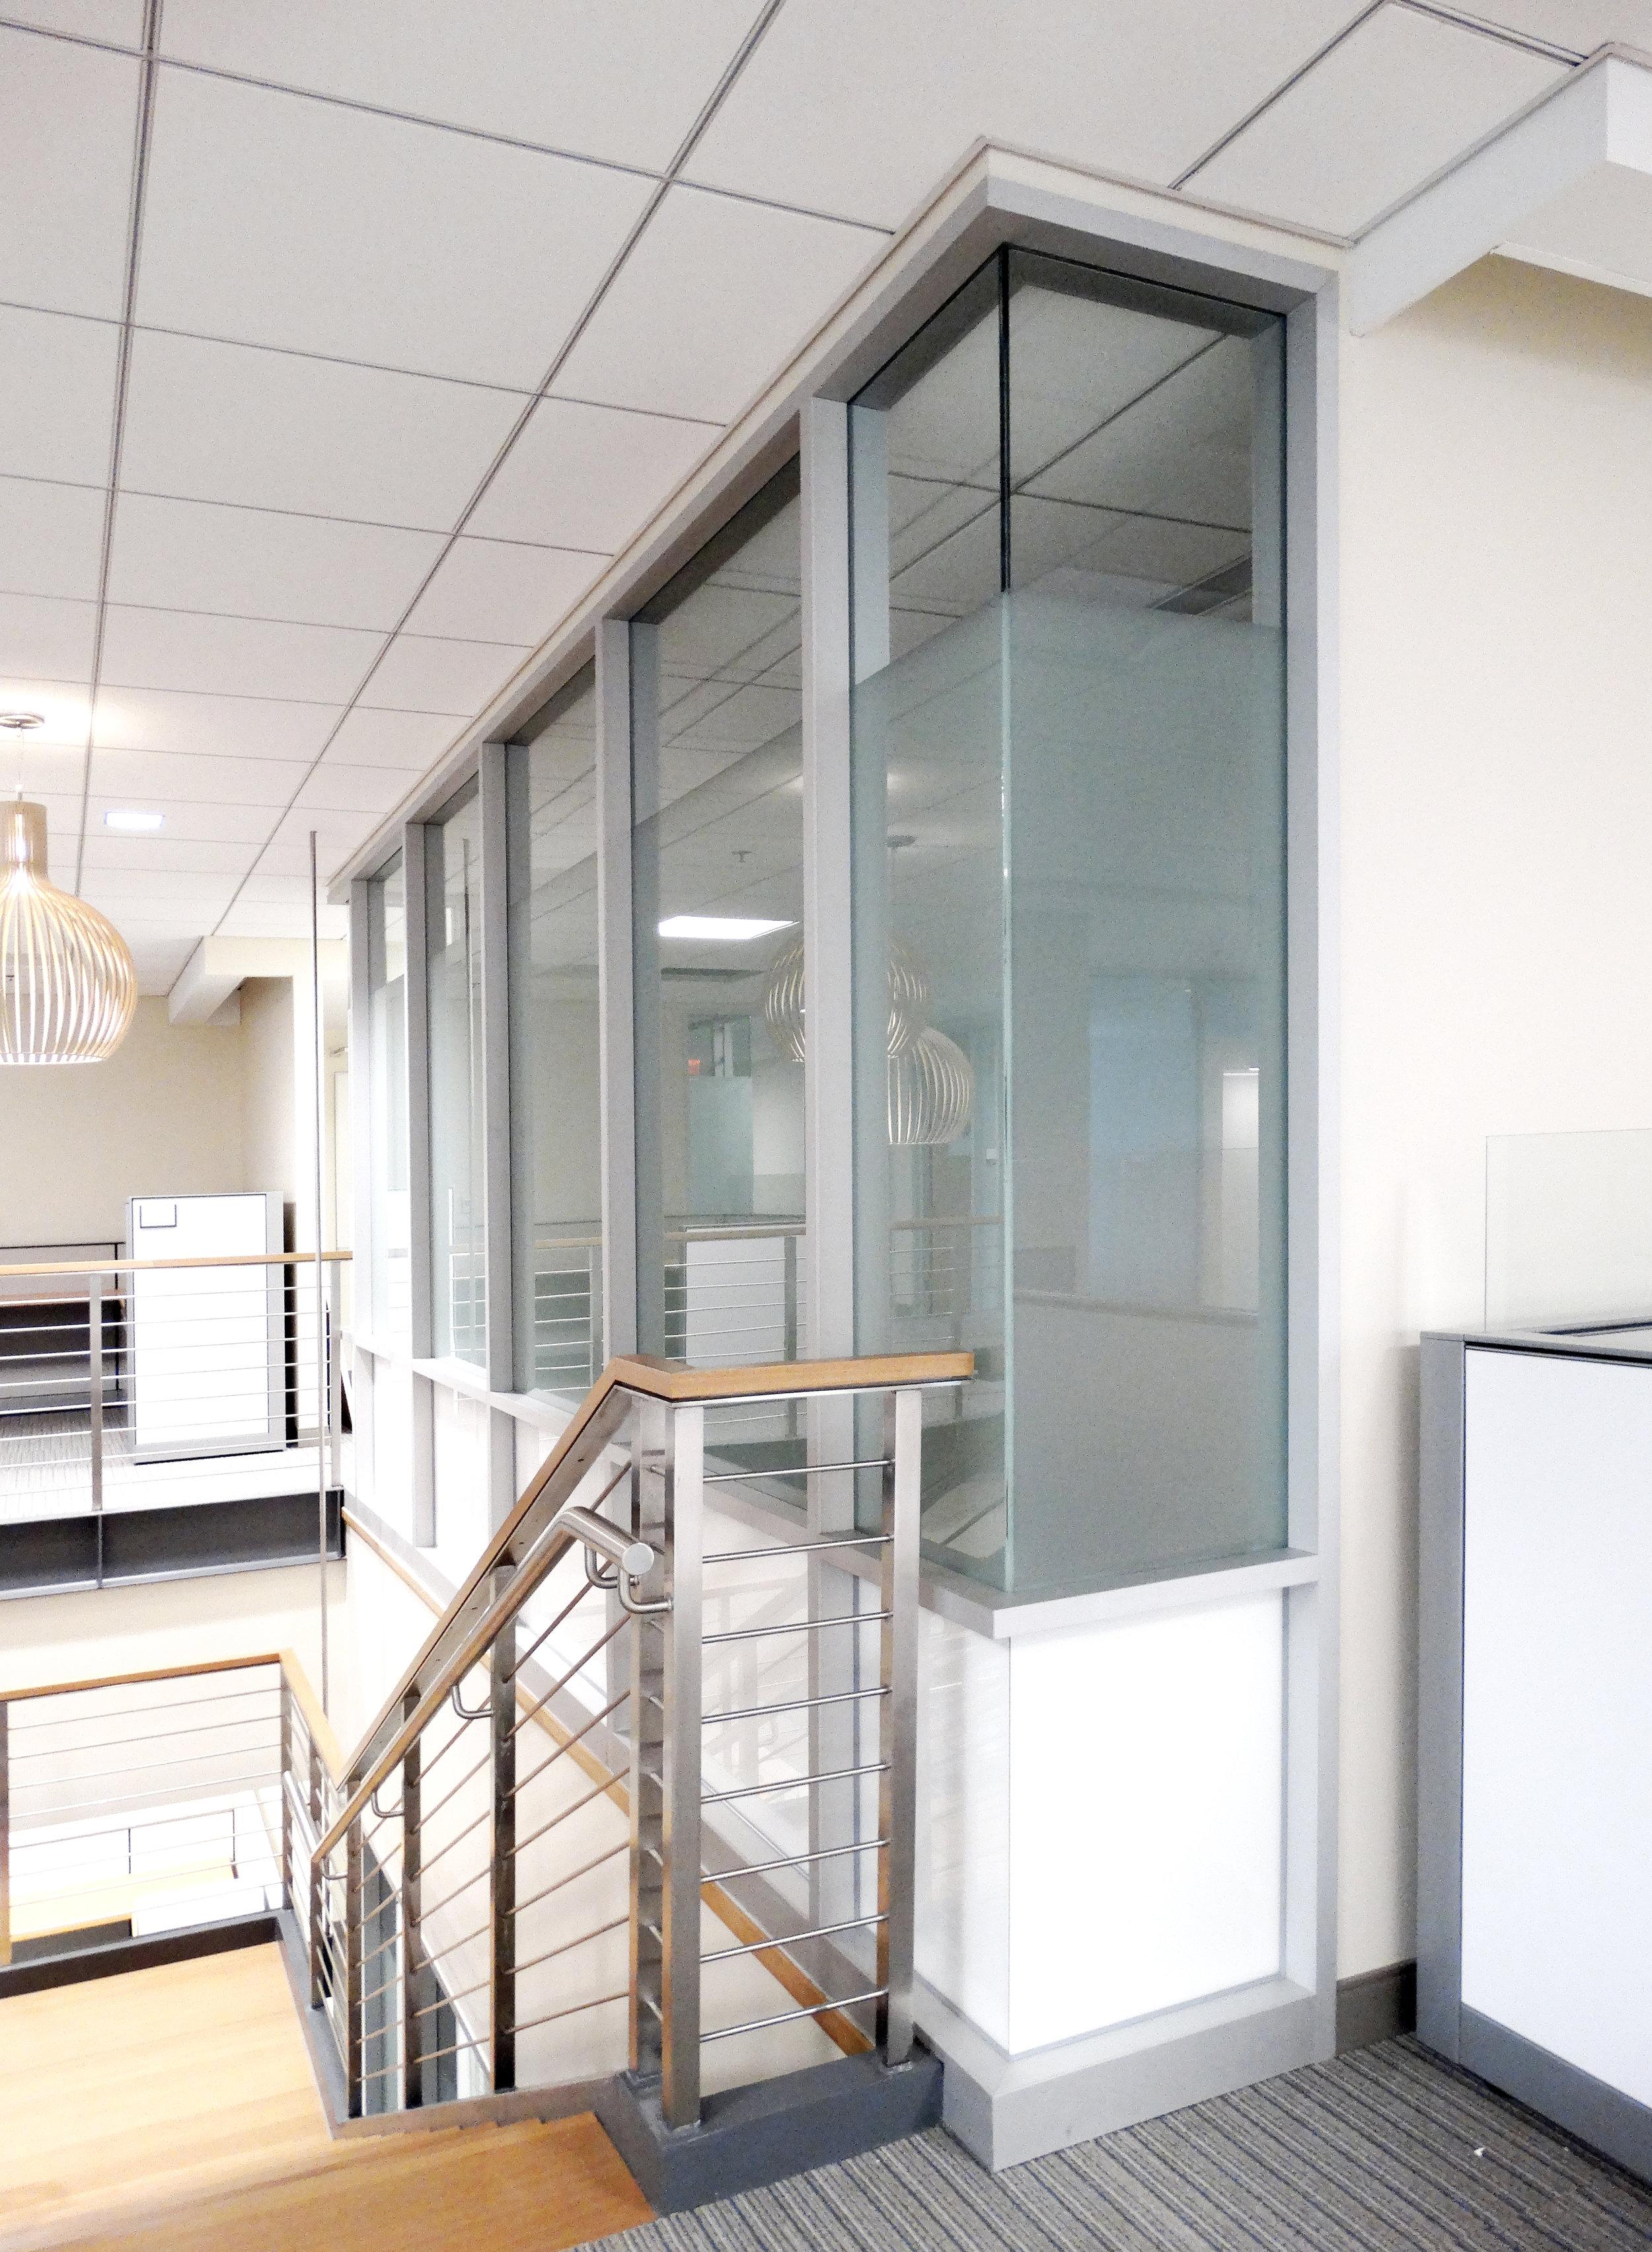 Encase Aluminum Framed Glass Corner Turn - Spaceworks AI.jpg